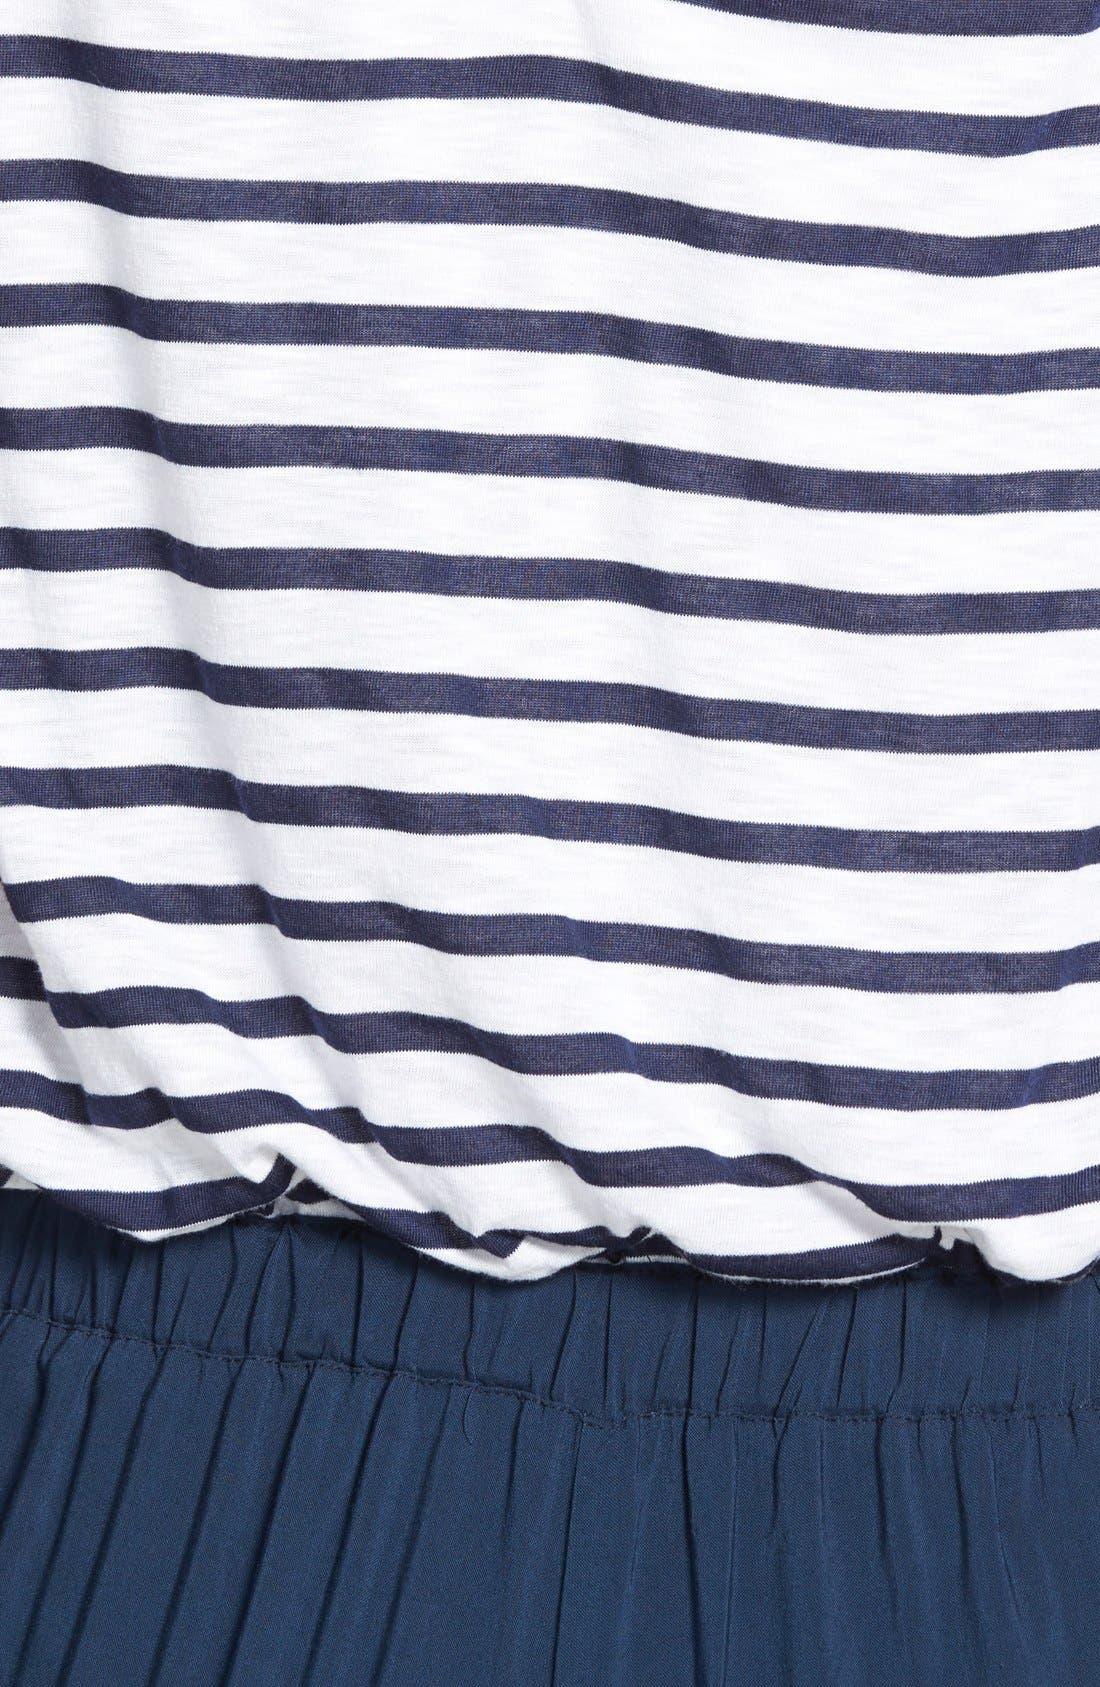 Nautical Stripe Jumpsuit,                             Alternate thumbnail 2, color,                             411